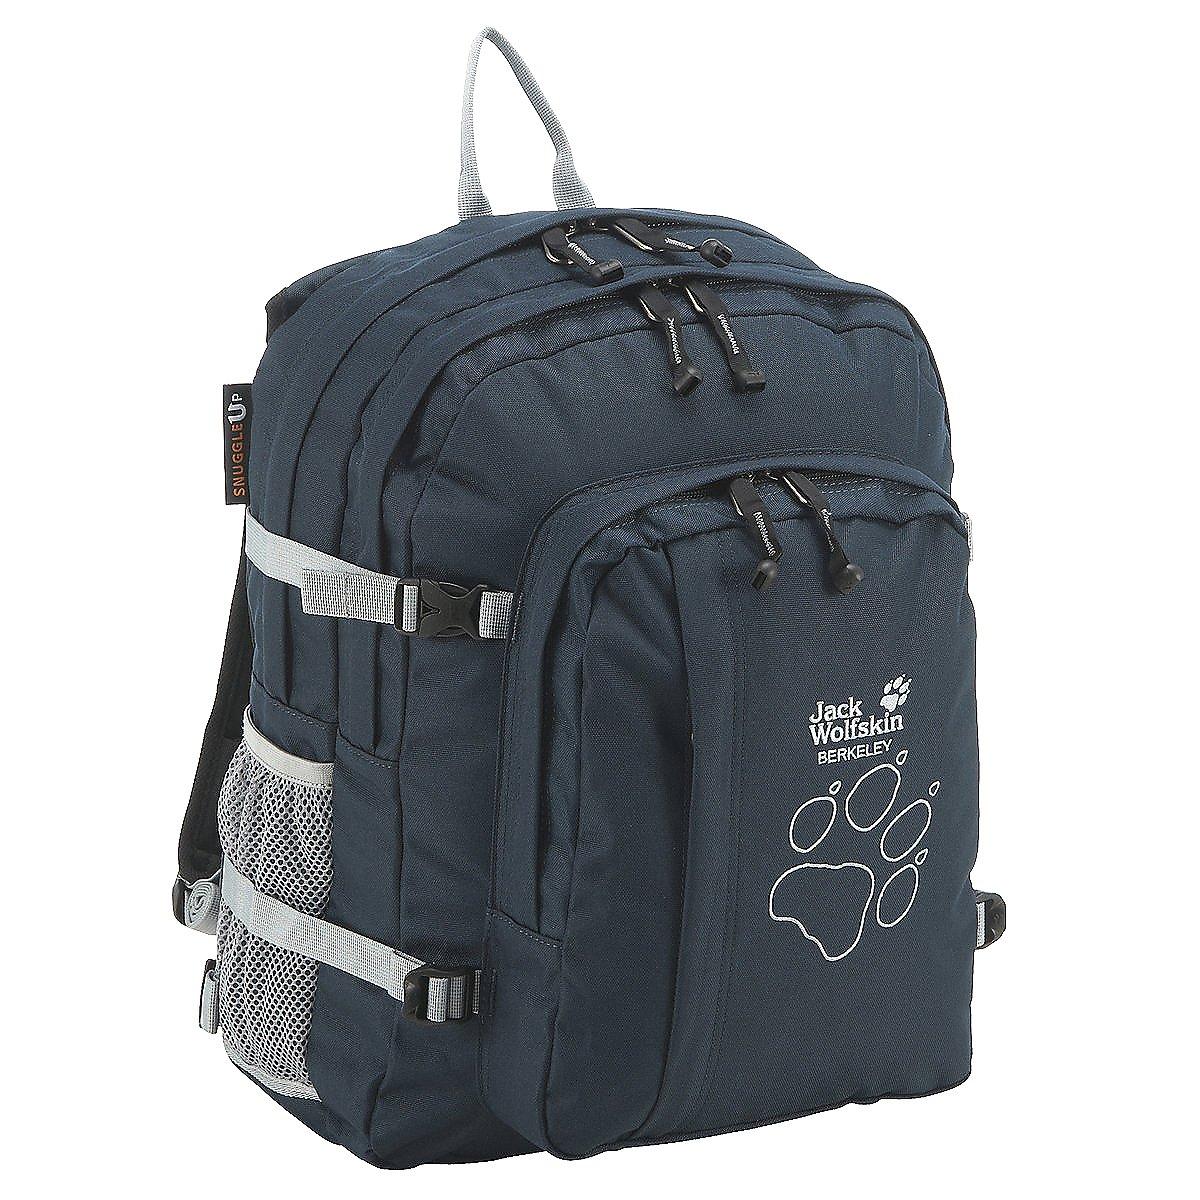 jack wolfskin outdoor berkeley rucksack 44 cm koffer. Black Bedroom Furniture Sets. Home Design Ideas